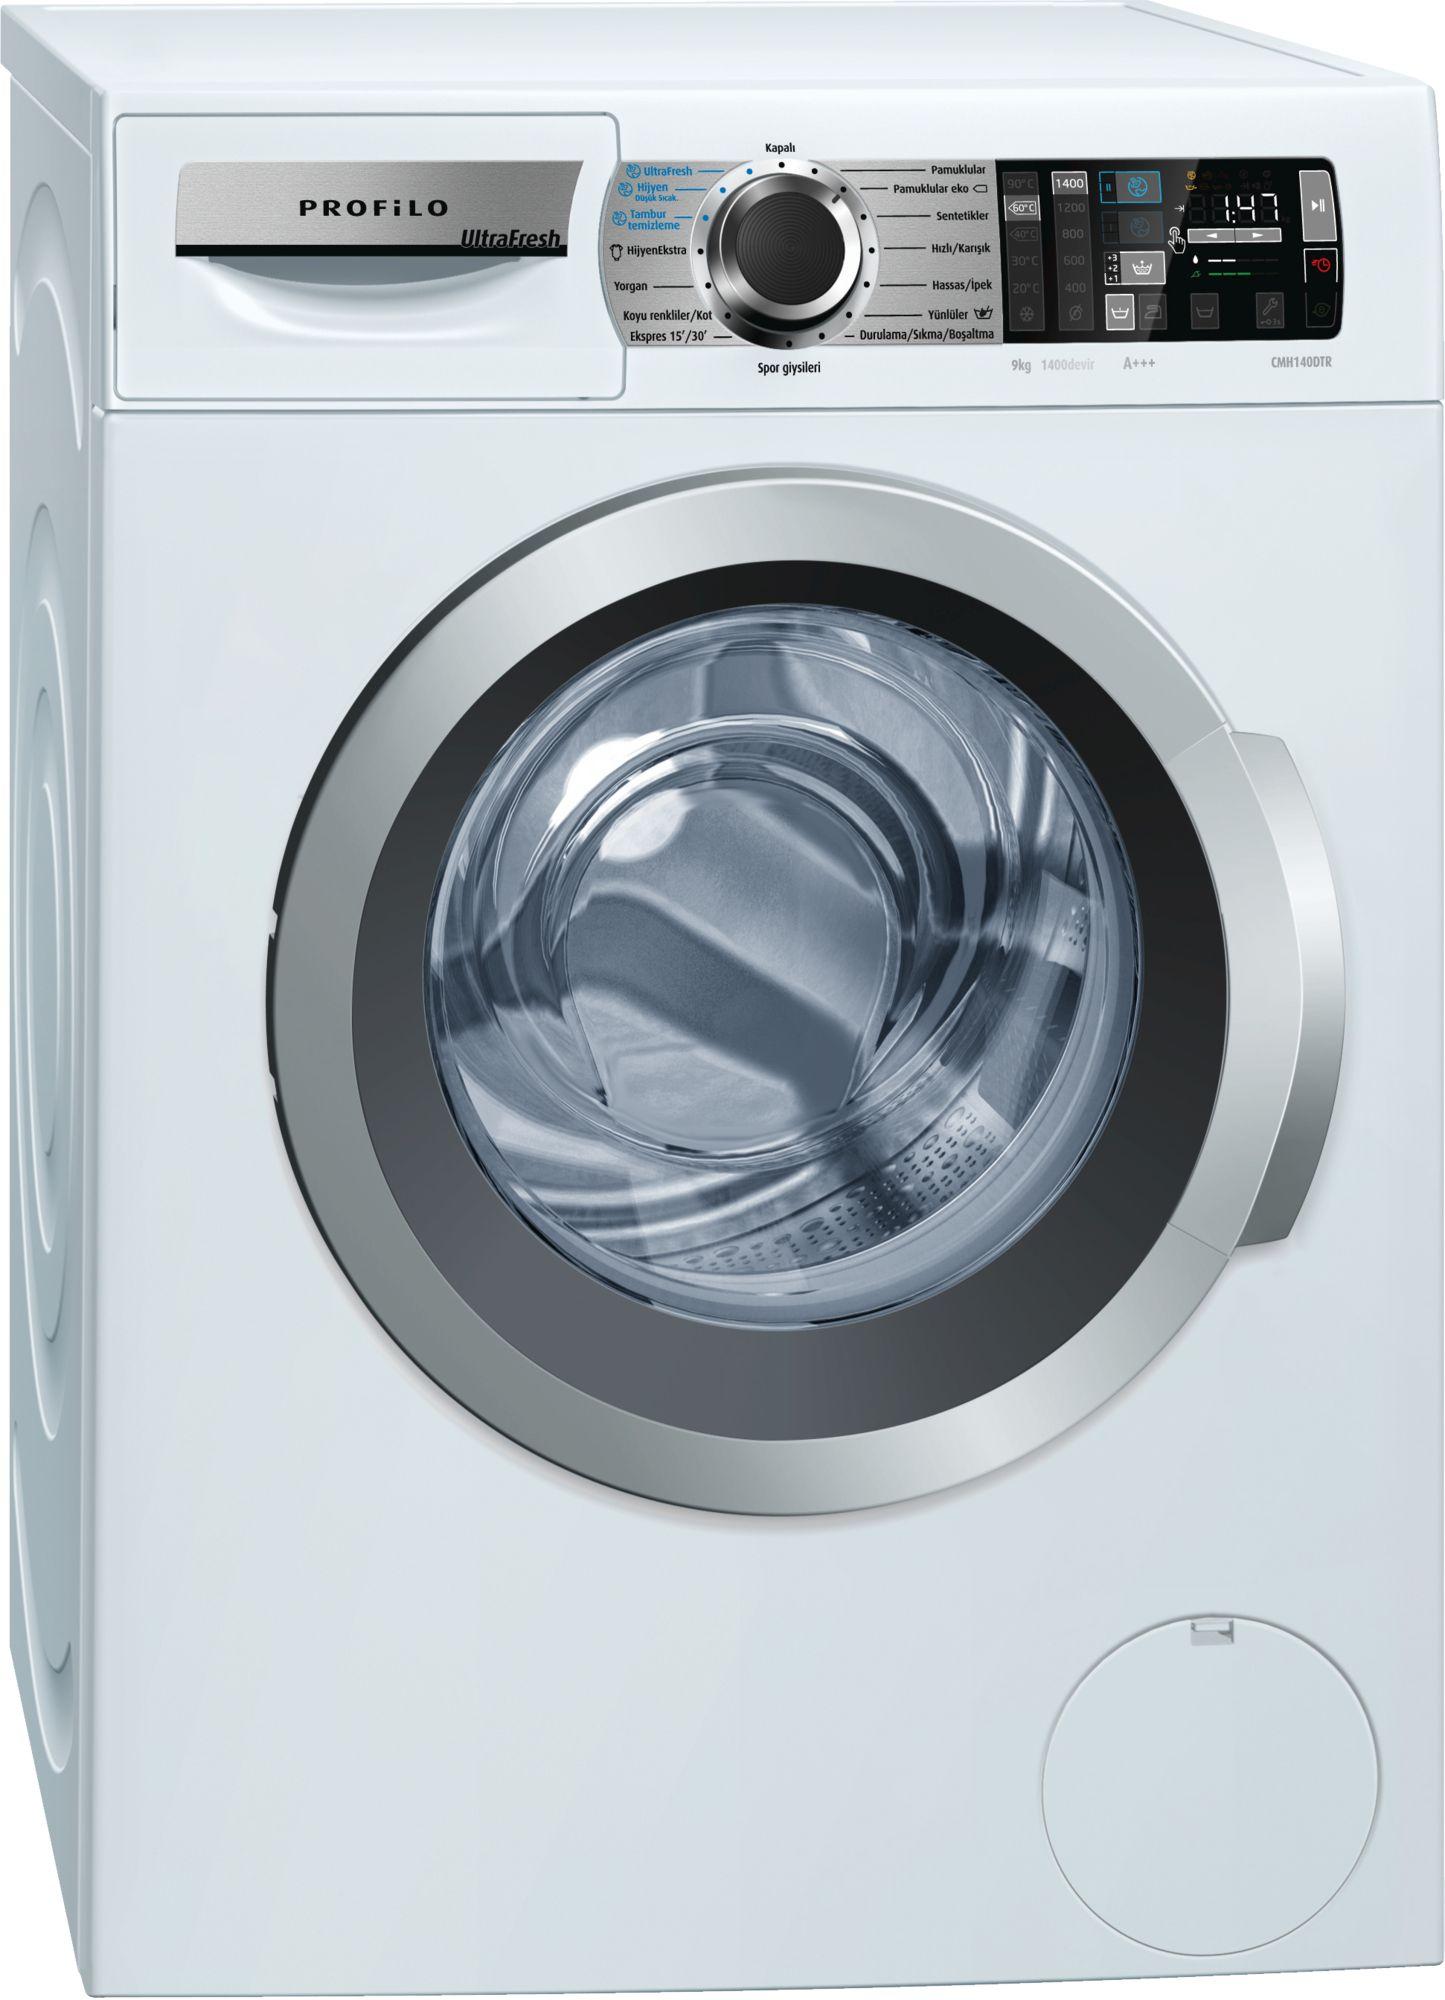 Çamaşır Makinelerinde Doğru Enerji Kullanımı